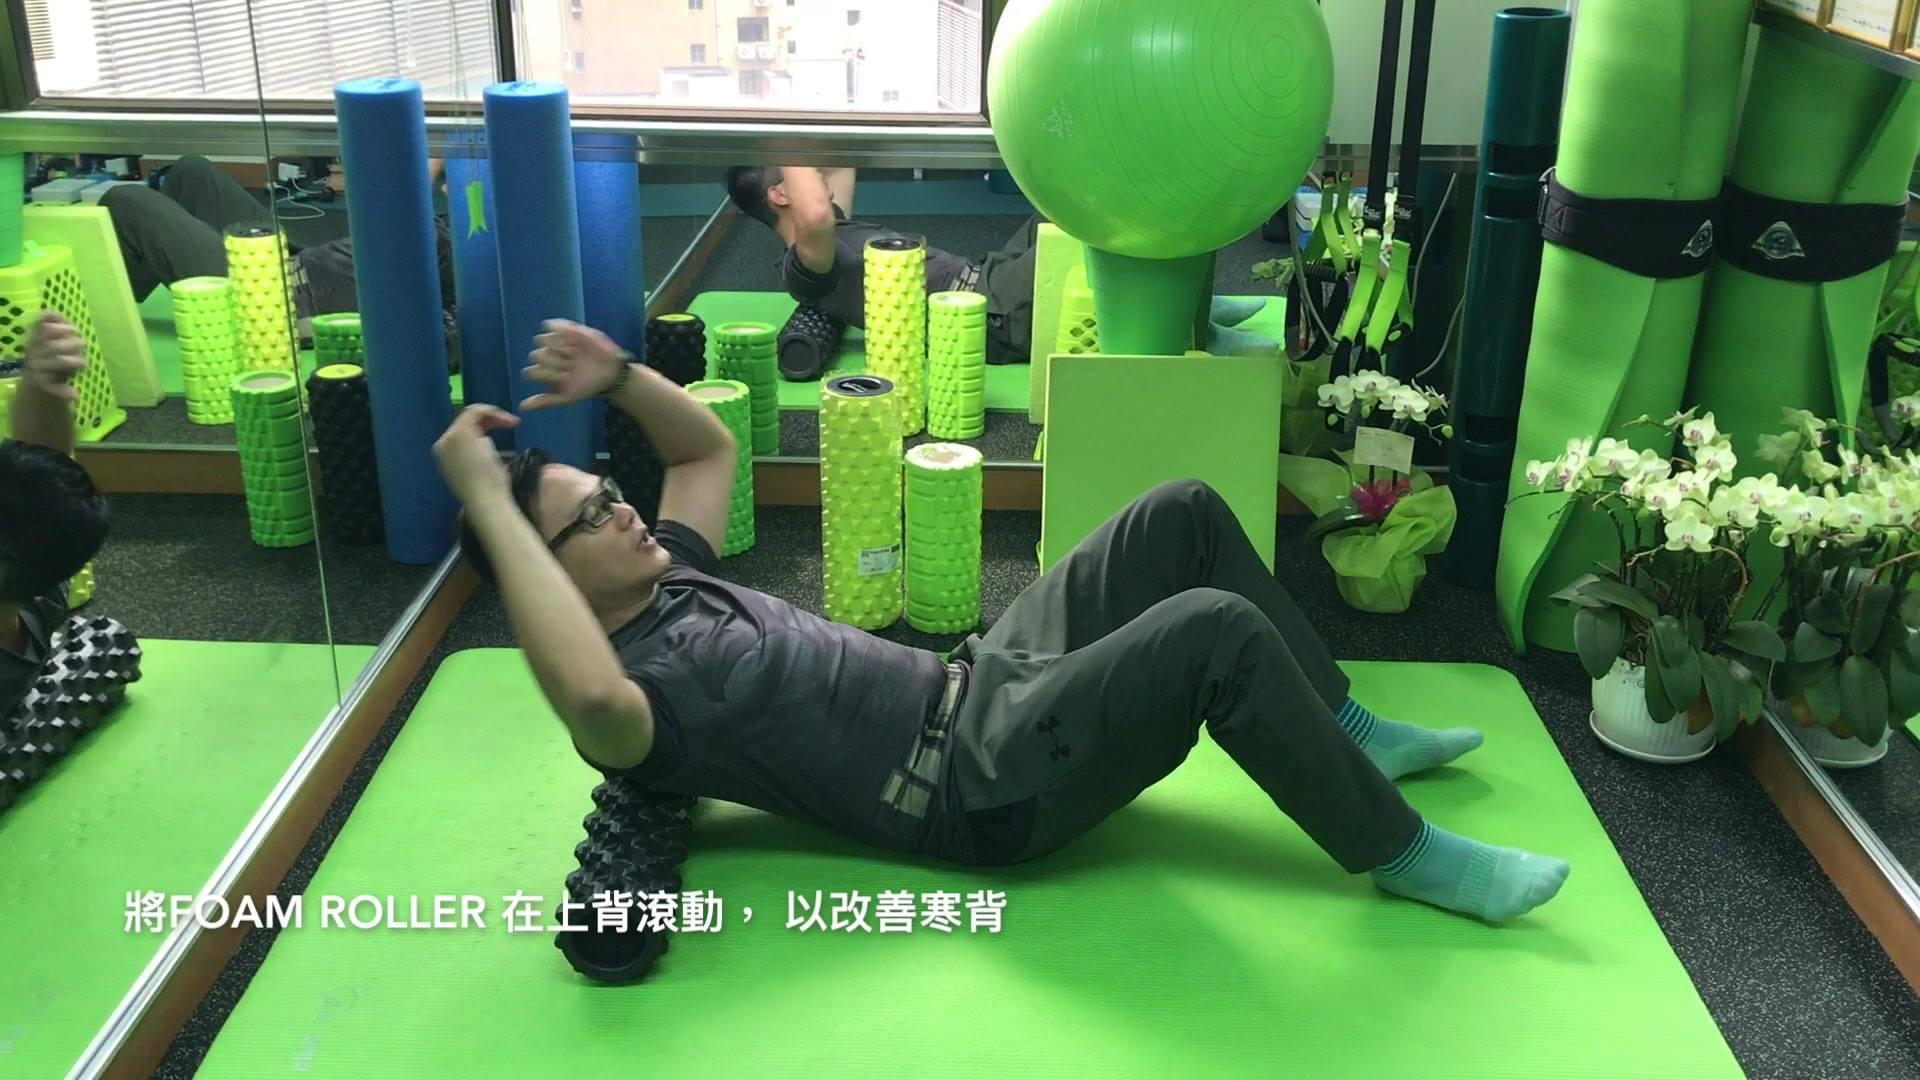 One Yeung 教你玩 Foam Roller: 上肩頸背部肌肉篇